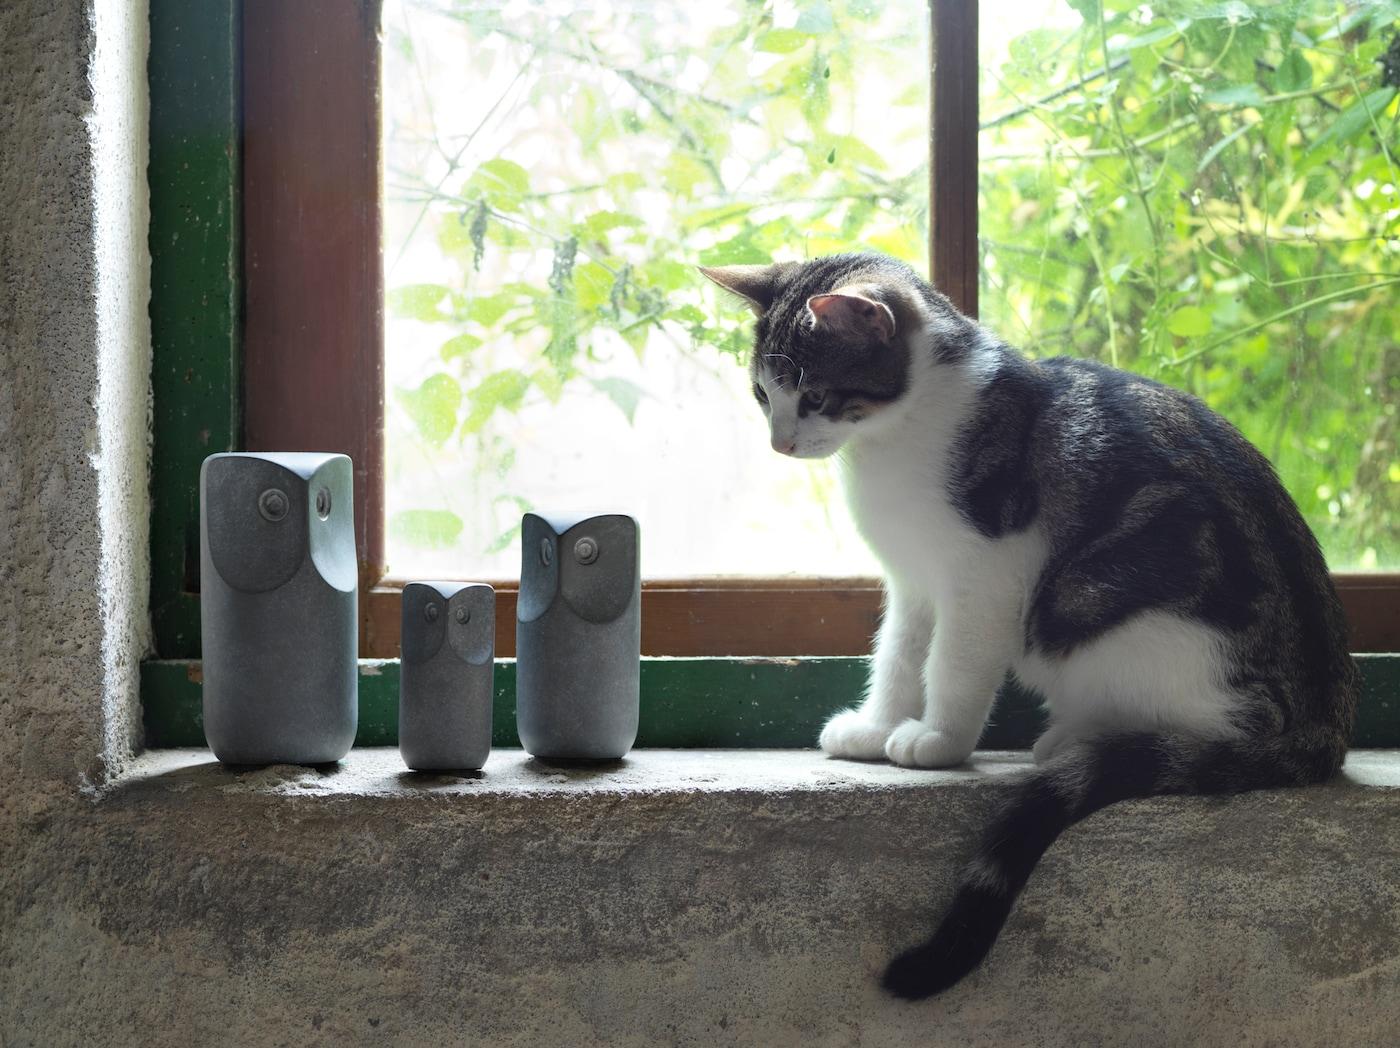 قطة صغيرة أبيض ورماديتجلس على حافة نافذة وتنظر إلىثلاثبومات تزيينيةTONAD مصنوعة من الخرسانة.